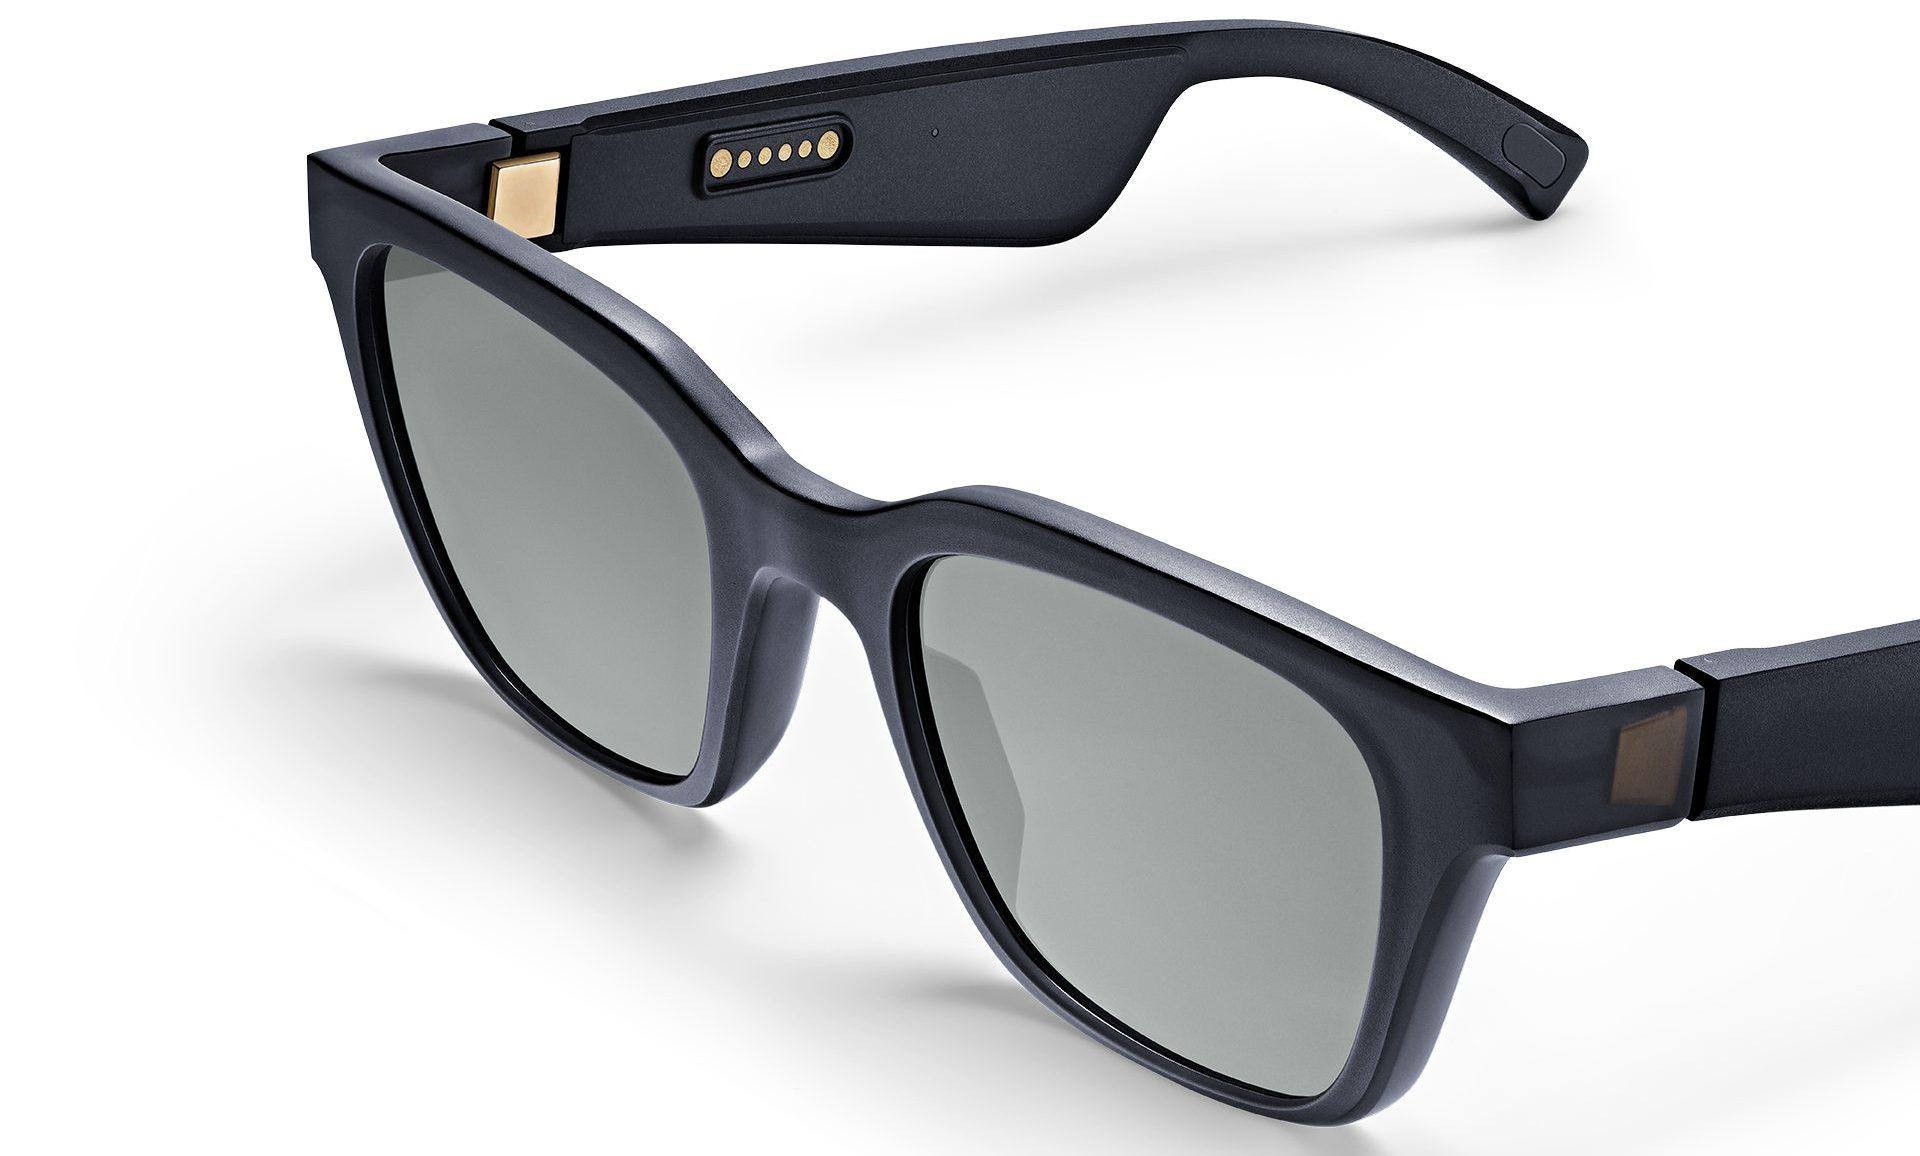 Gafas de sol Bose